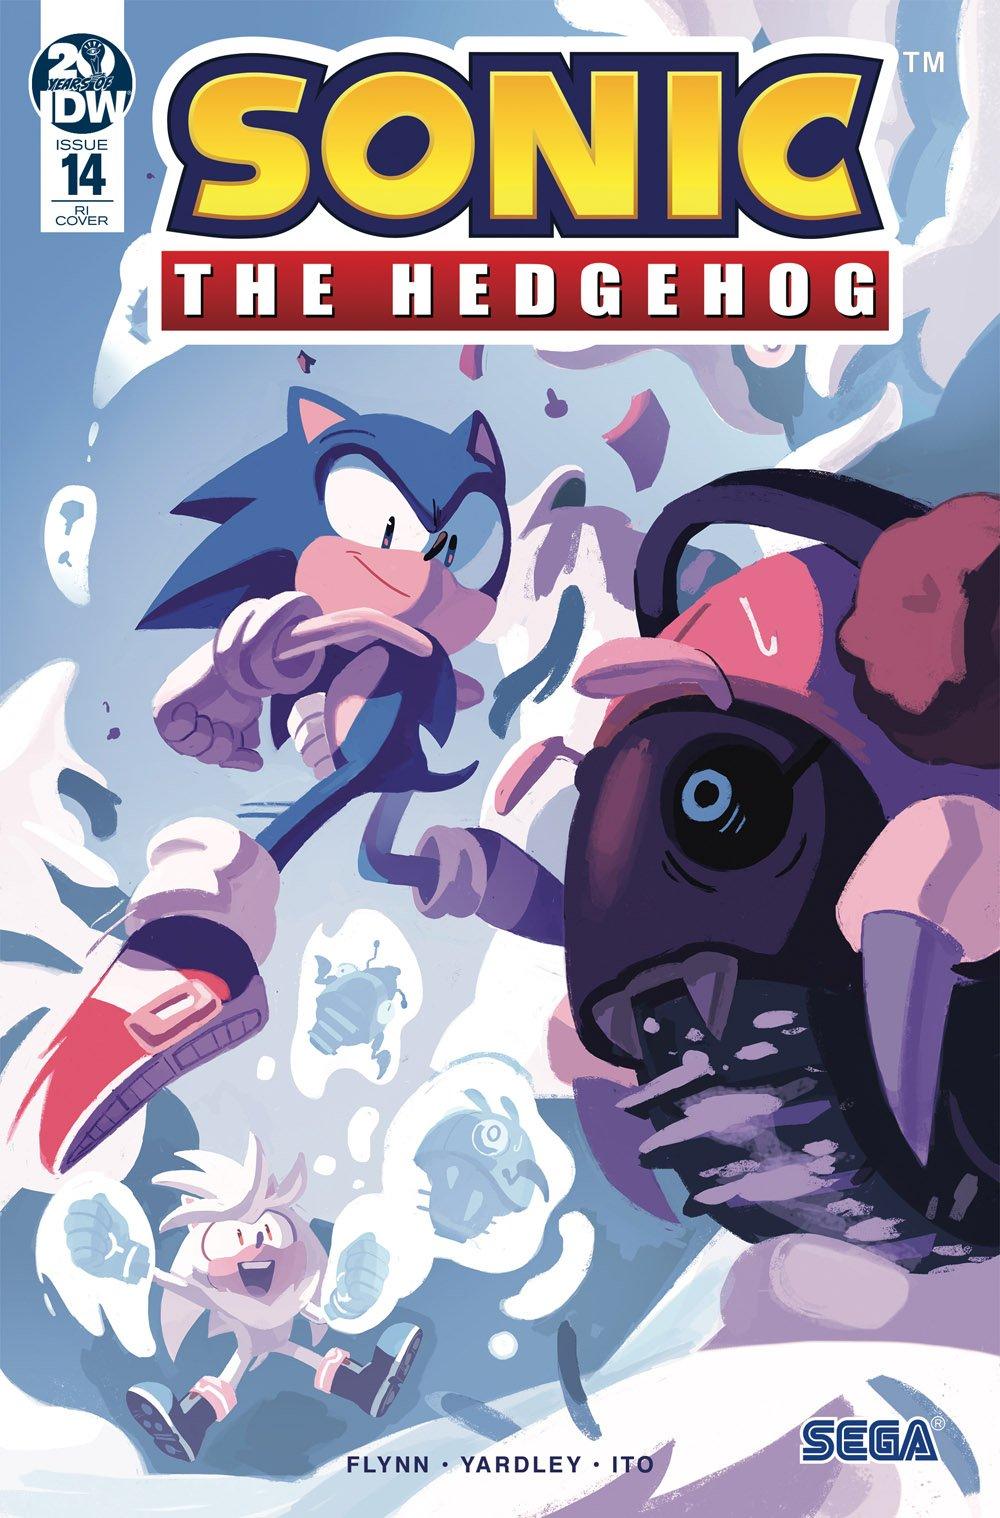 Sonic the Hedgehog 014 (February 2019) (retailer incentive)